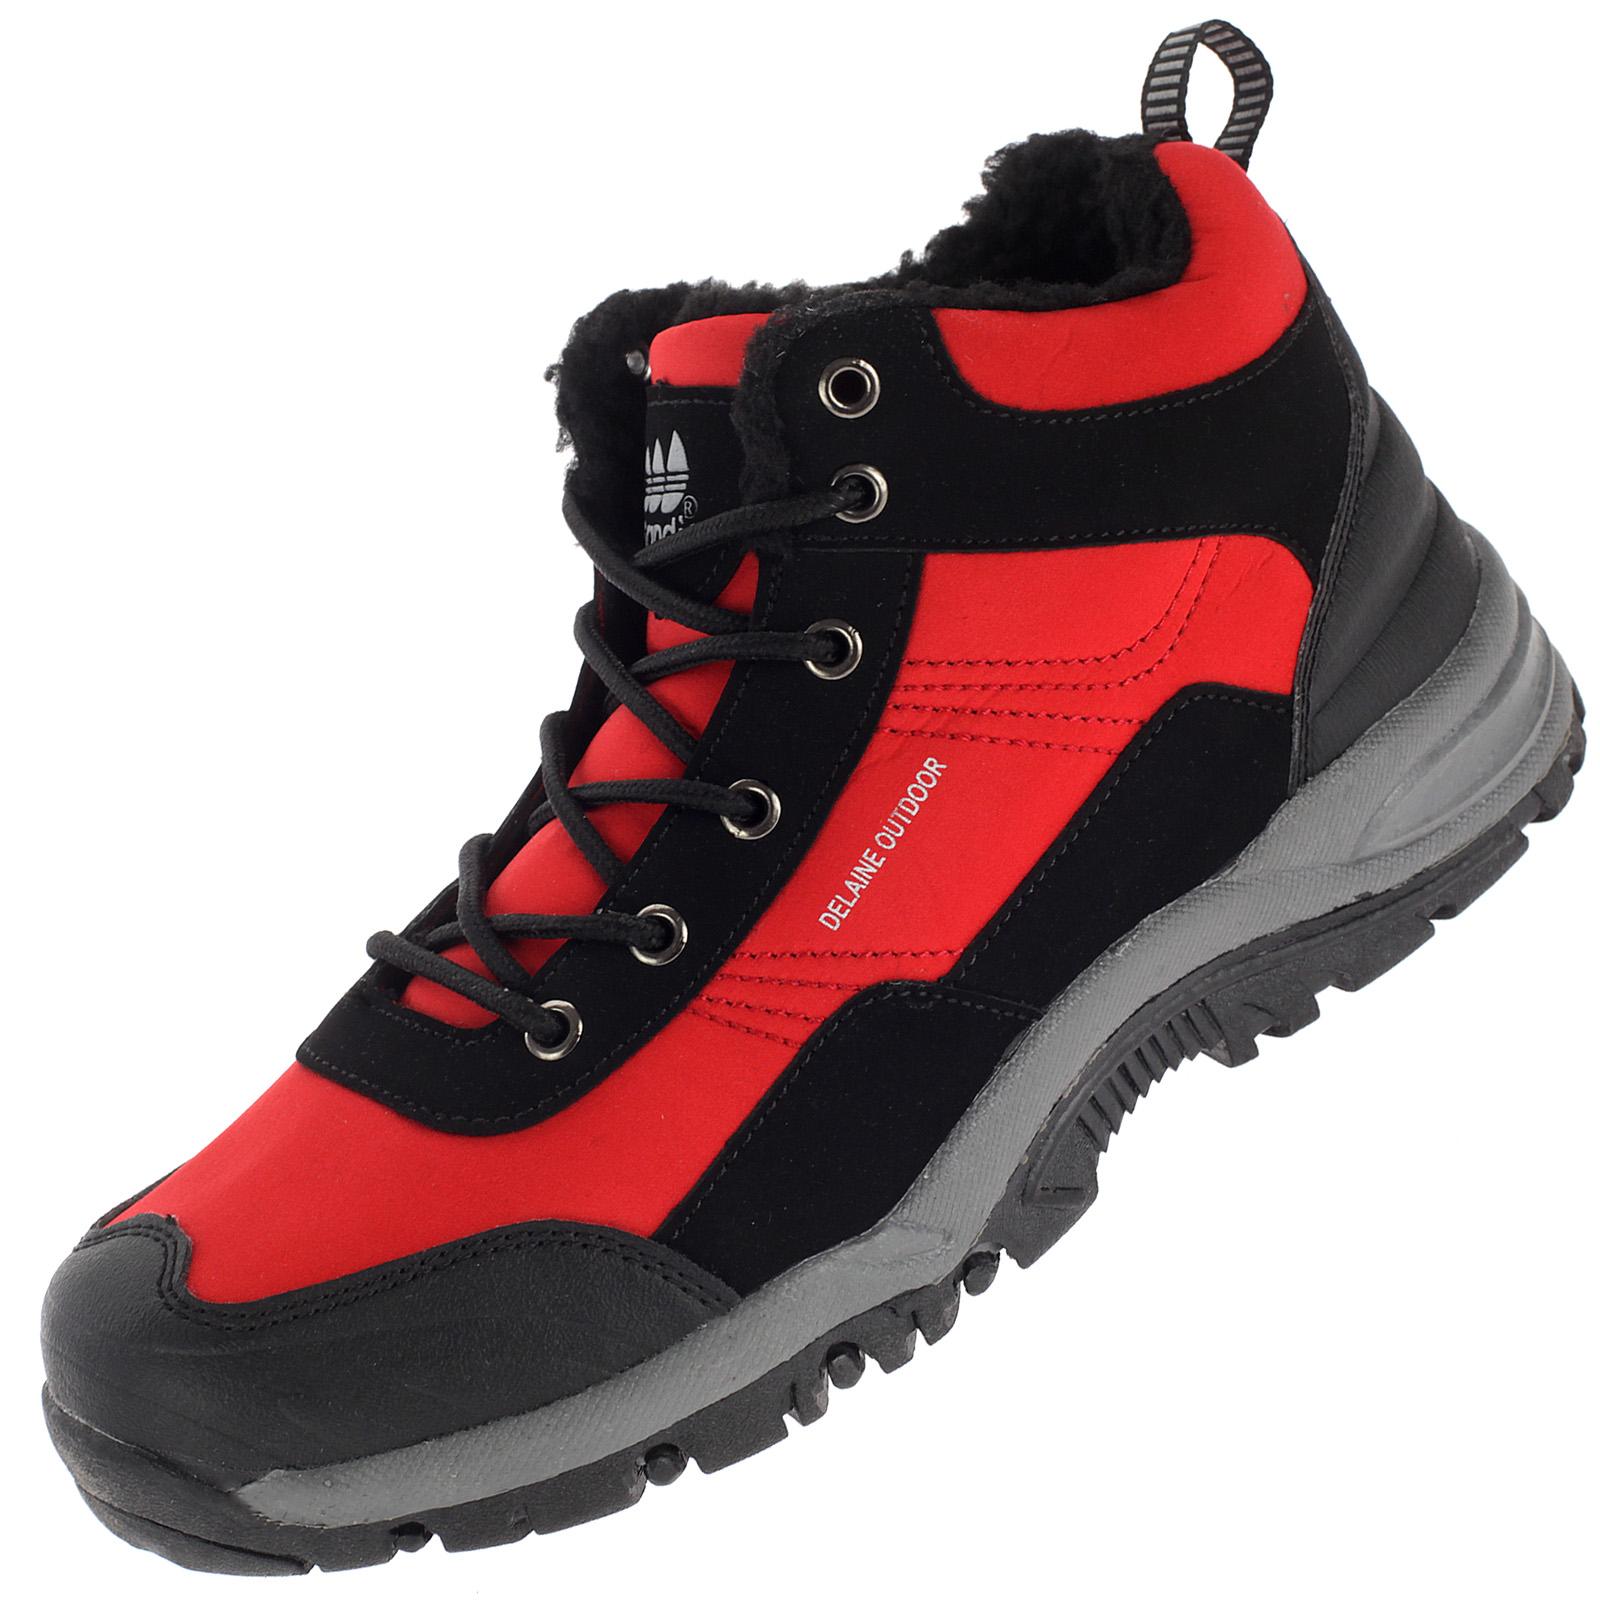 Herren Wanderschuhe Trekkingschuhe Stiefel Outdoorschuhe Boots SD9888